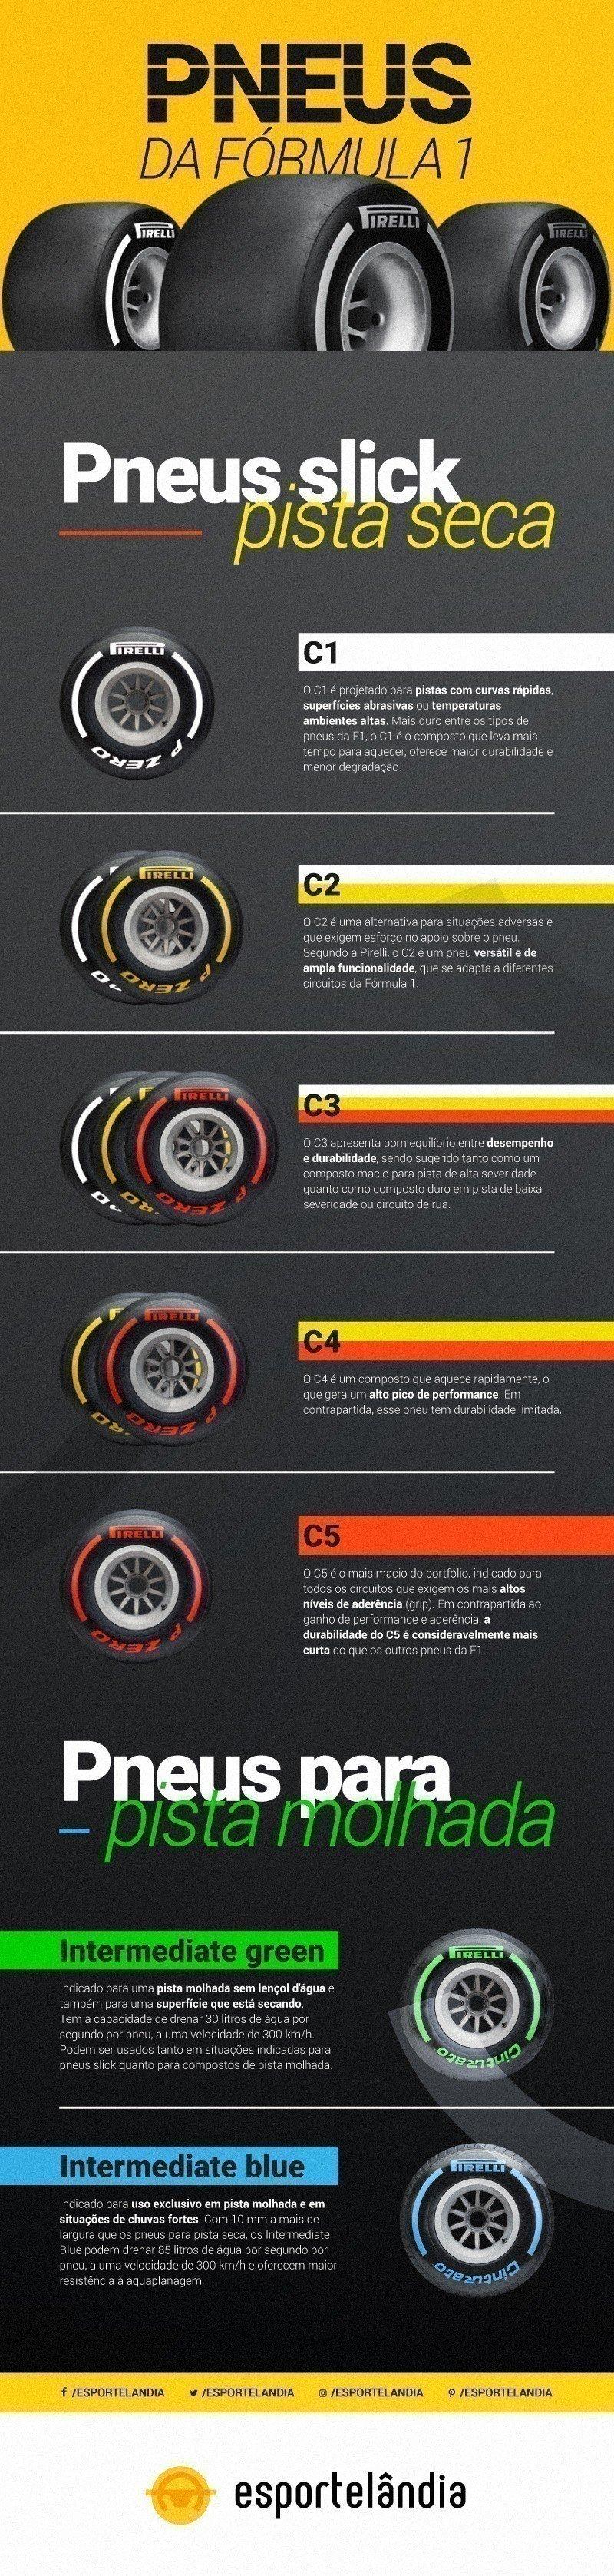 Pneus de Fórmula 1